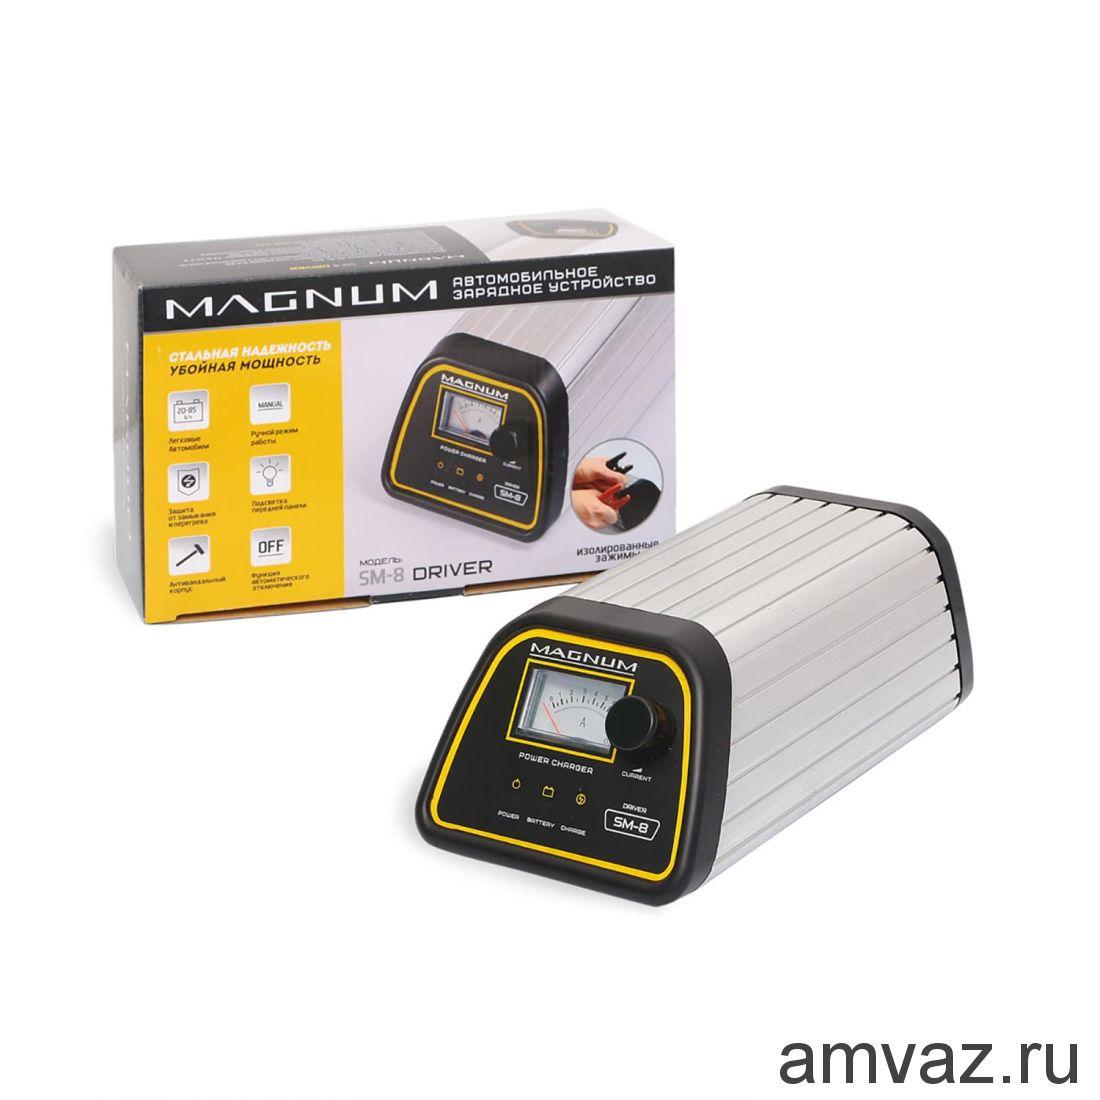 Зарядное устройство для автомобильных акумуляторов  MAGNUM SM-8 DRIVER